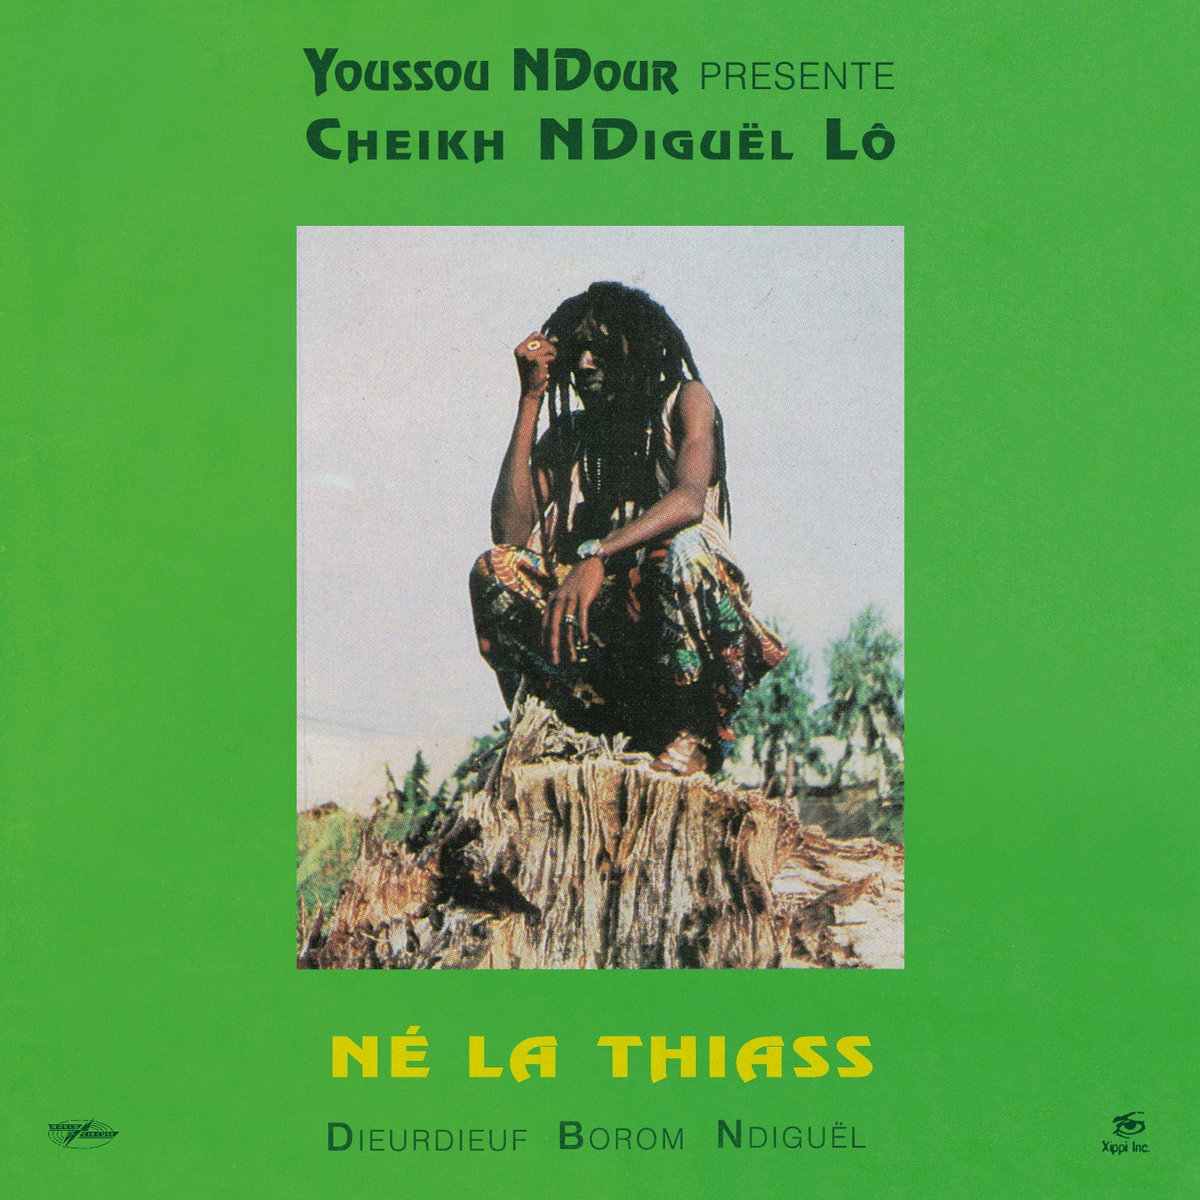 Cheikh Lô - Né La Thiass (Remastered CD) - World Circuit Records